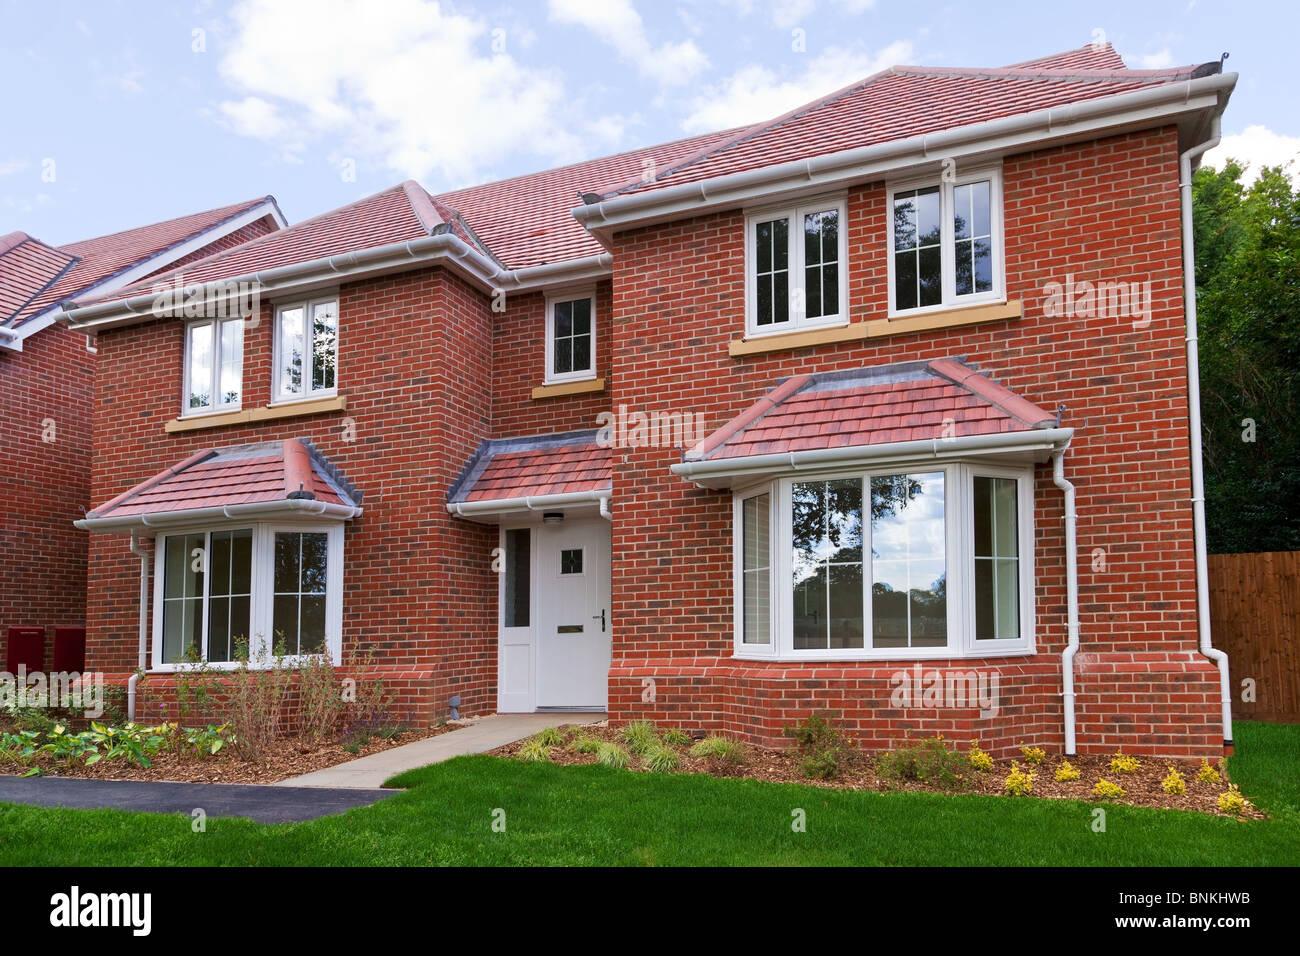 Photo d'un tout nouveau mode total maison individuelle construite en briques rouges maison de cinq chambres Photo Stock